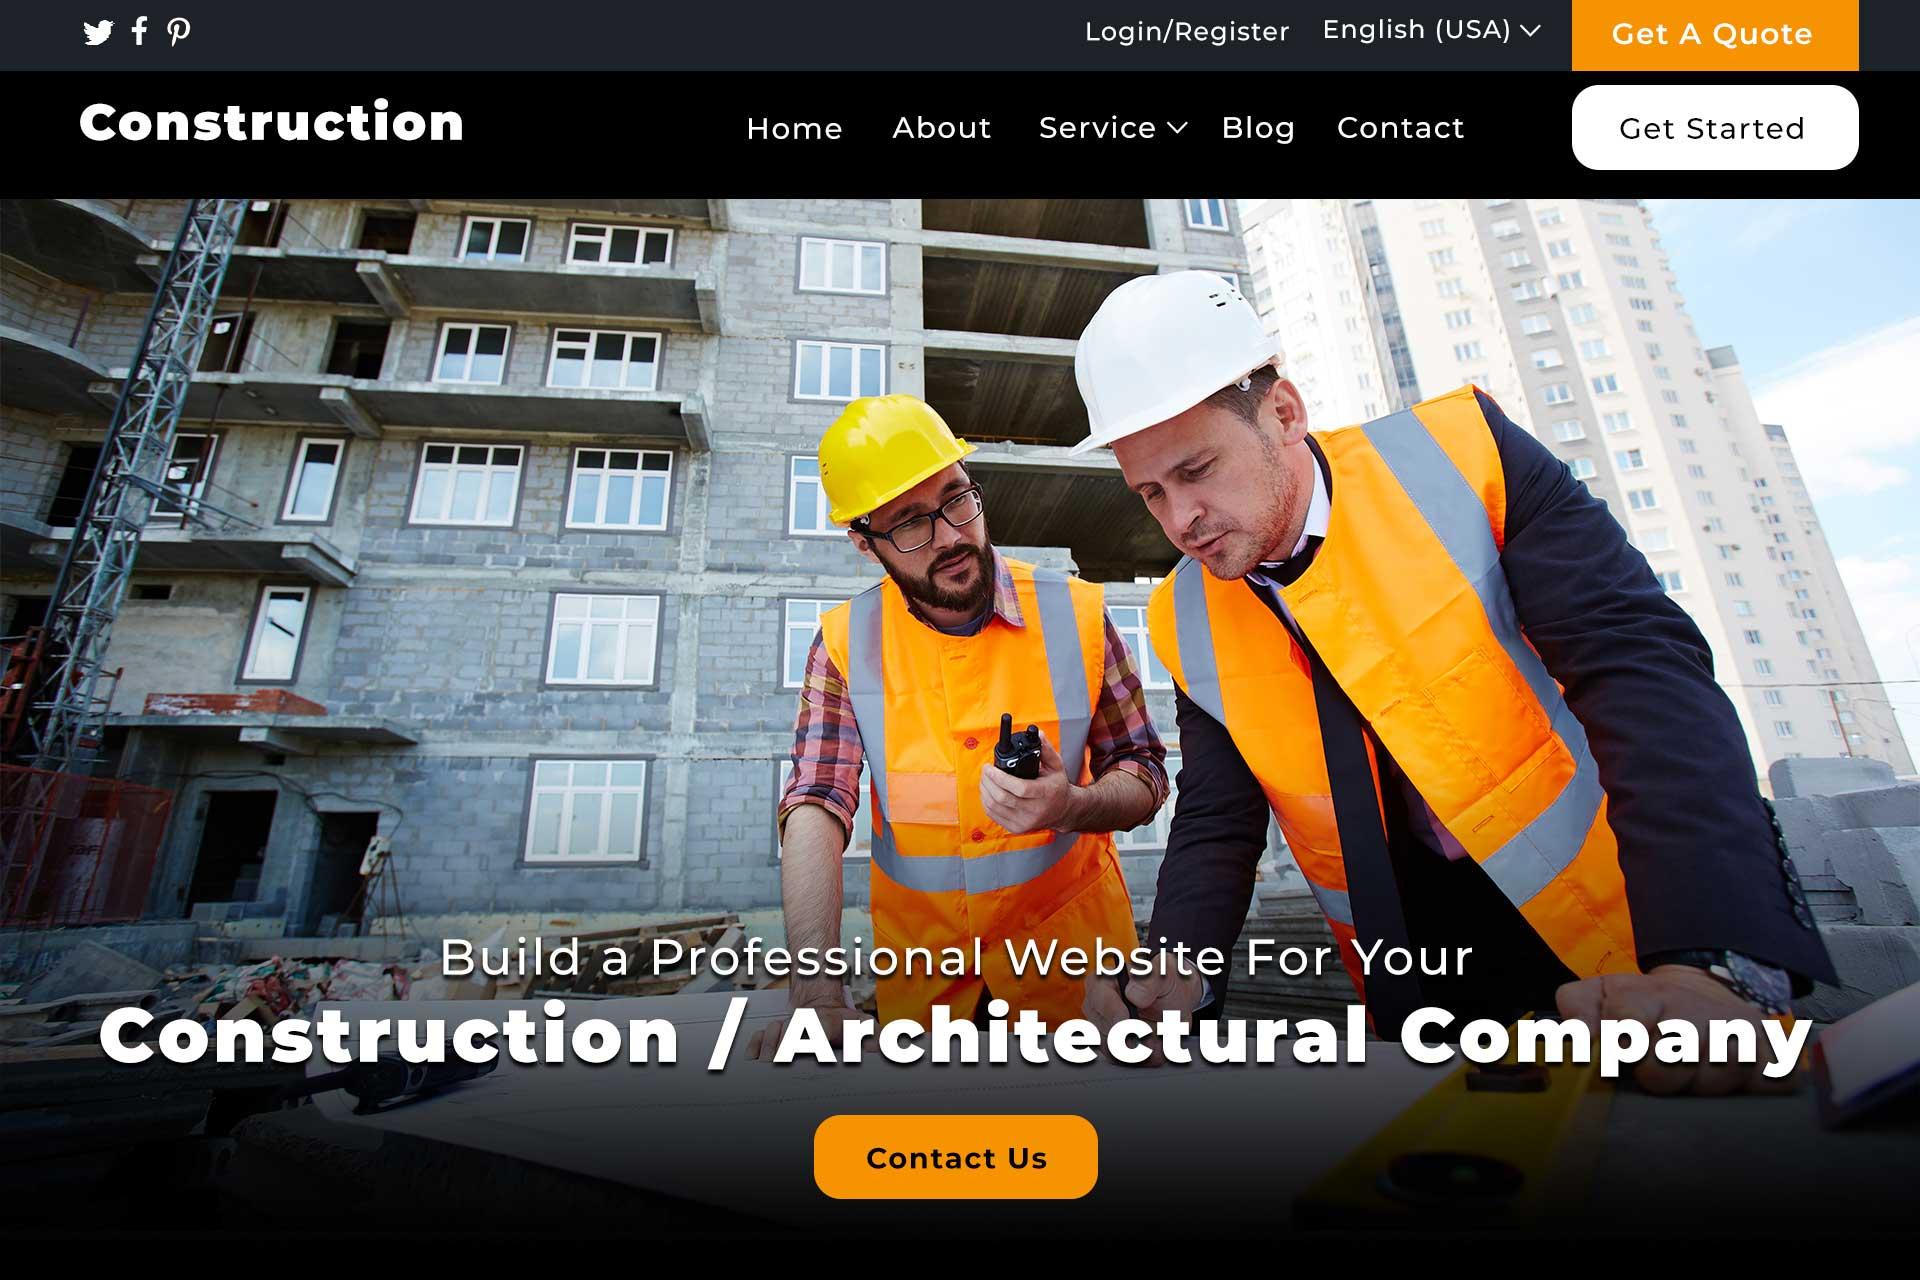 construction-company-website